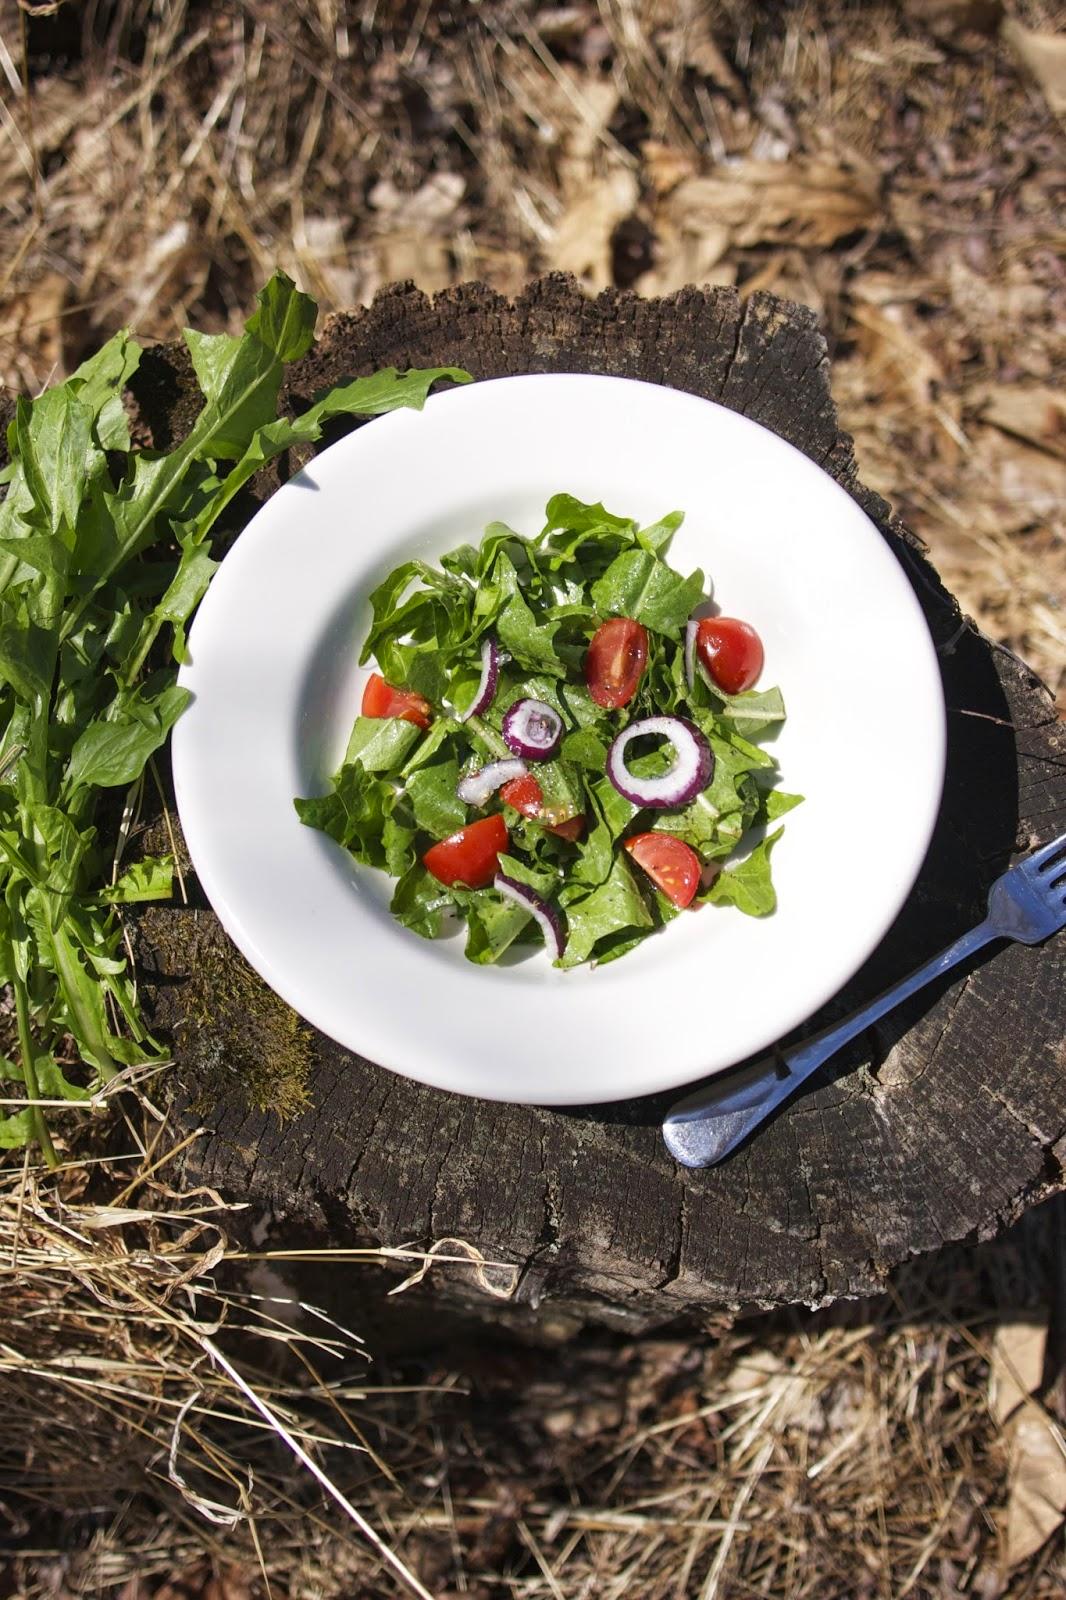 Dandelion Salad: simplelivingeating.com